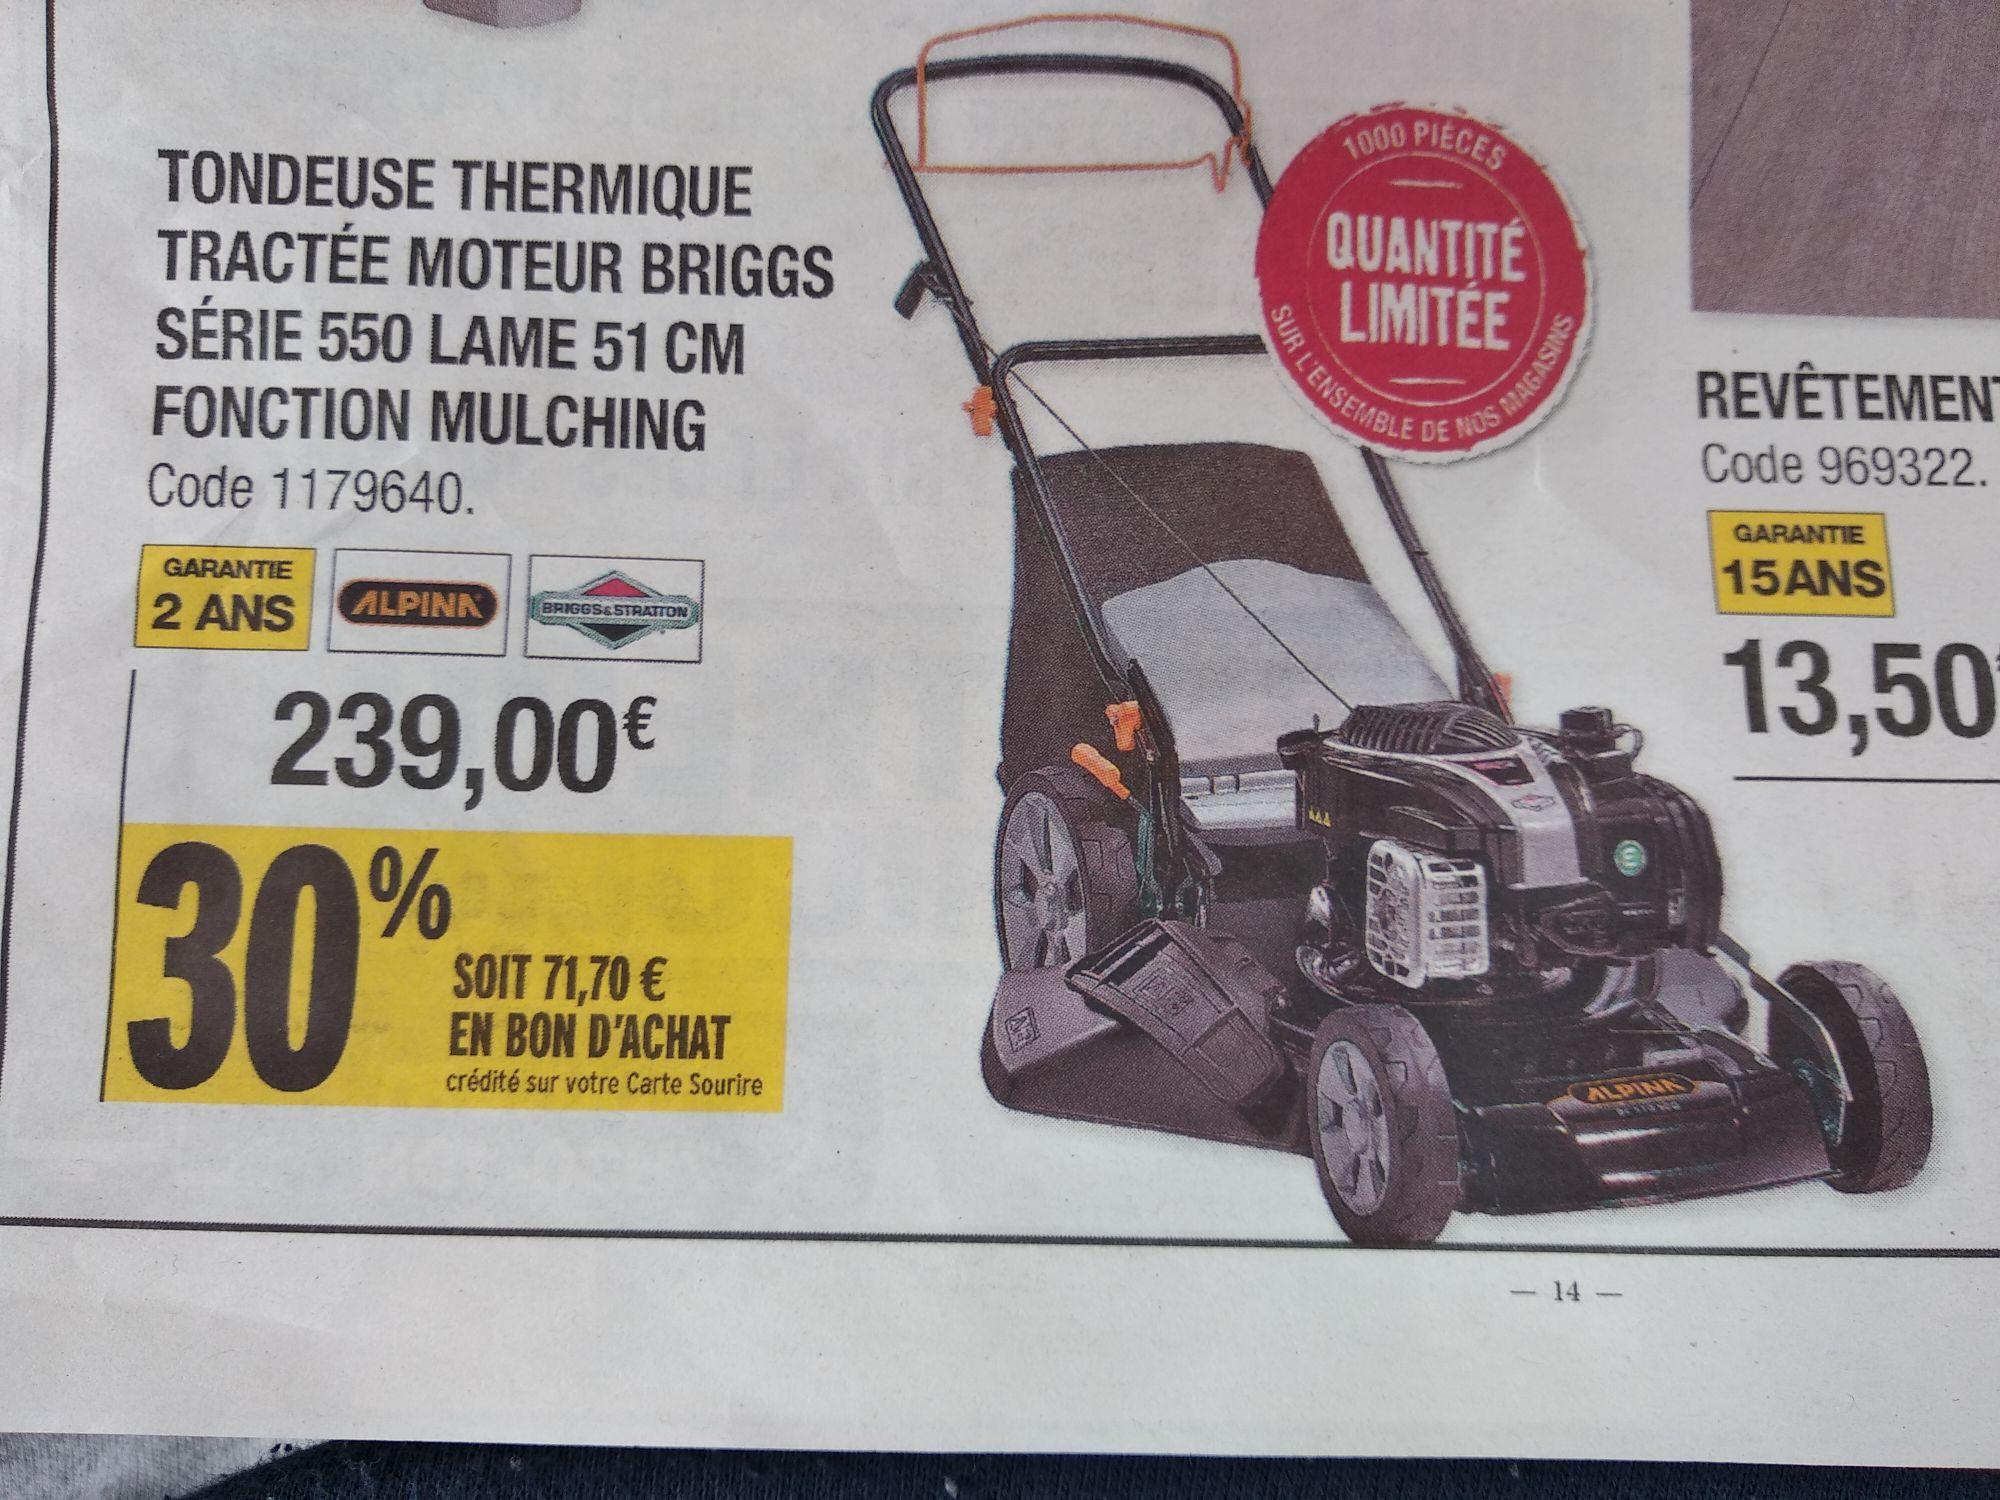 Tondeuse thermique autotractée Briggs&Stratton (via 71.70€ en BA) - L'Entrepôt du Bricolage (Pontarlier - 25)